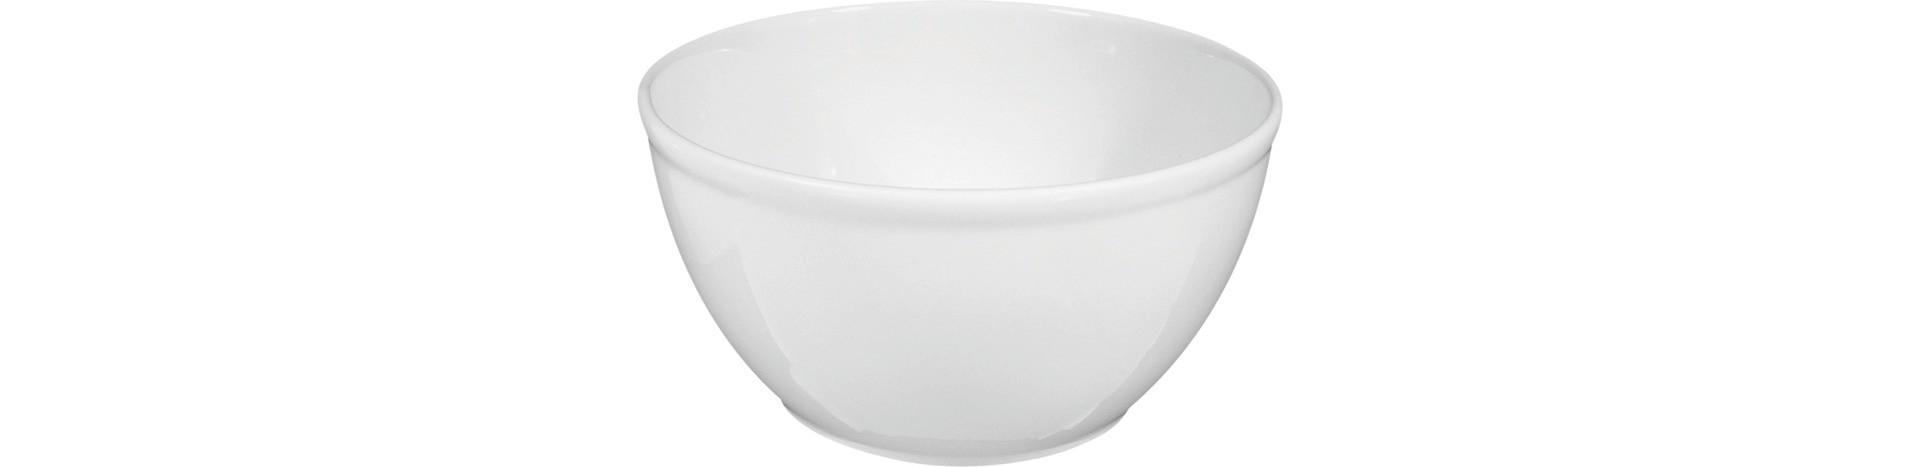 Buffet Gourmet, Salat rund ø 210 mm / 2,00 l